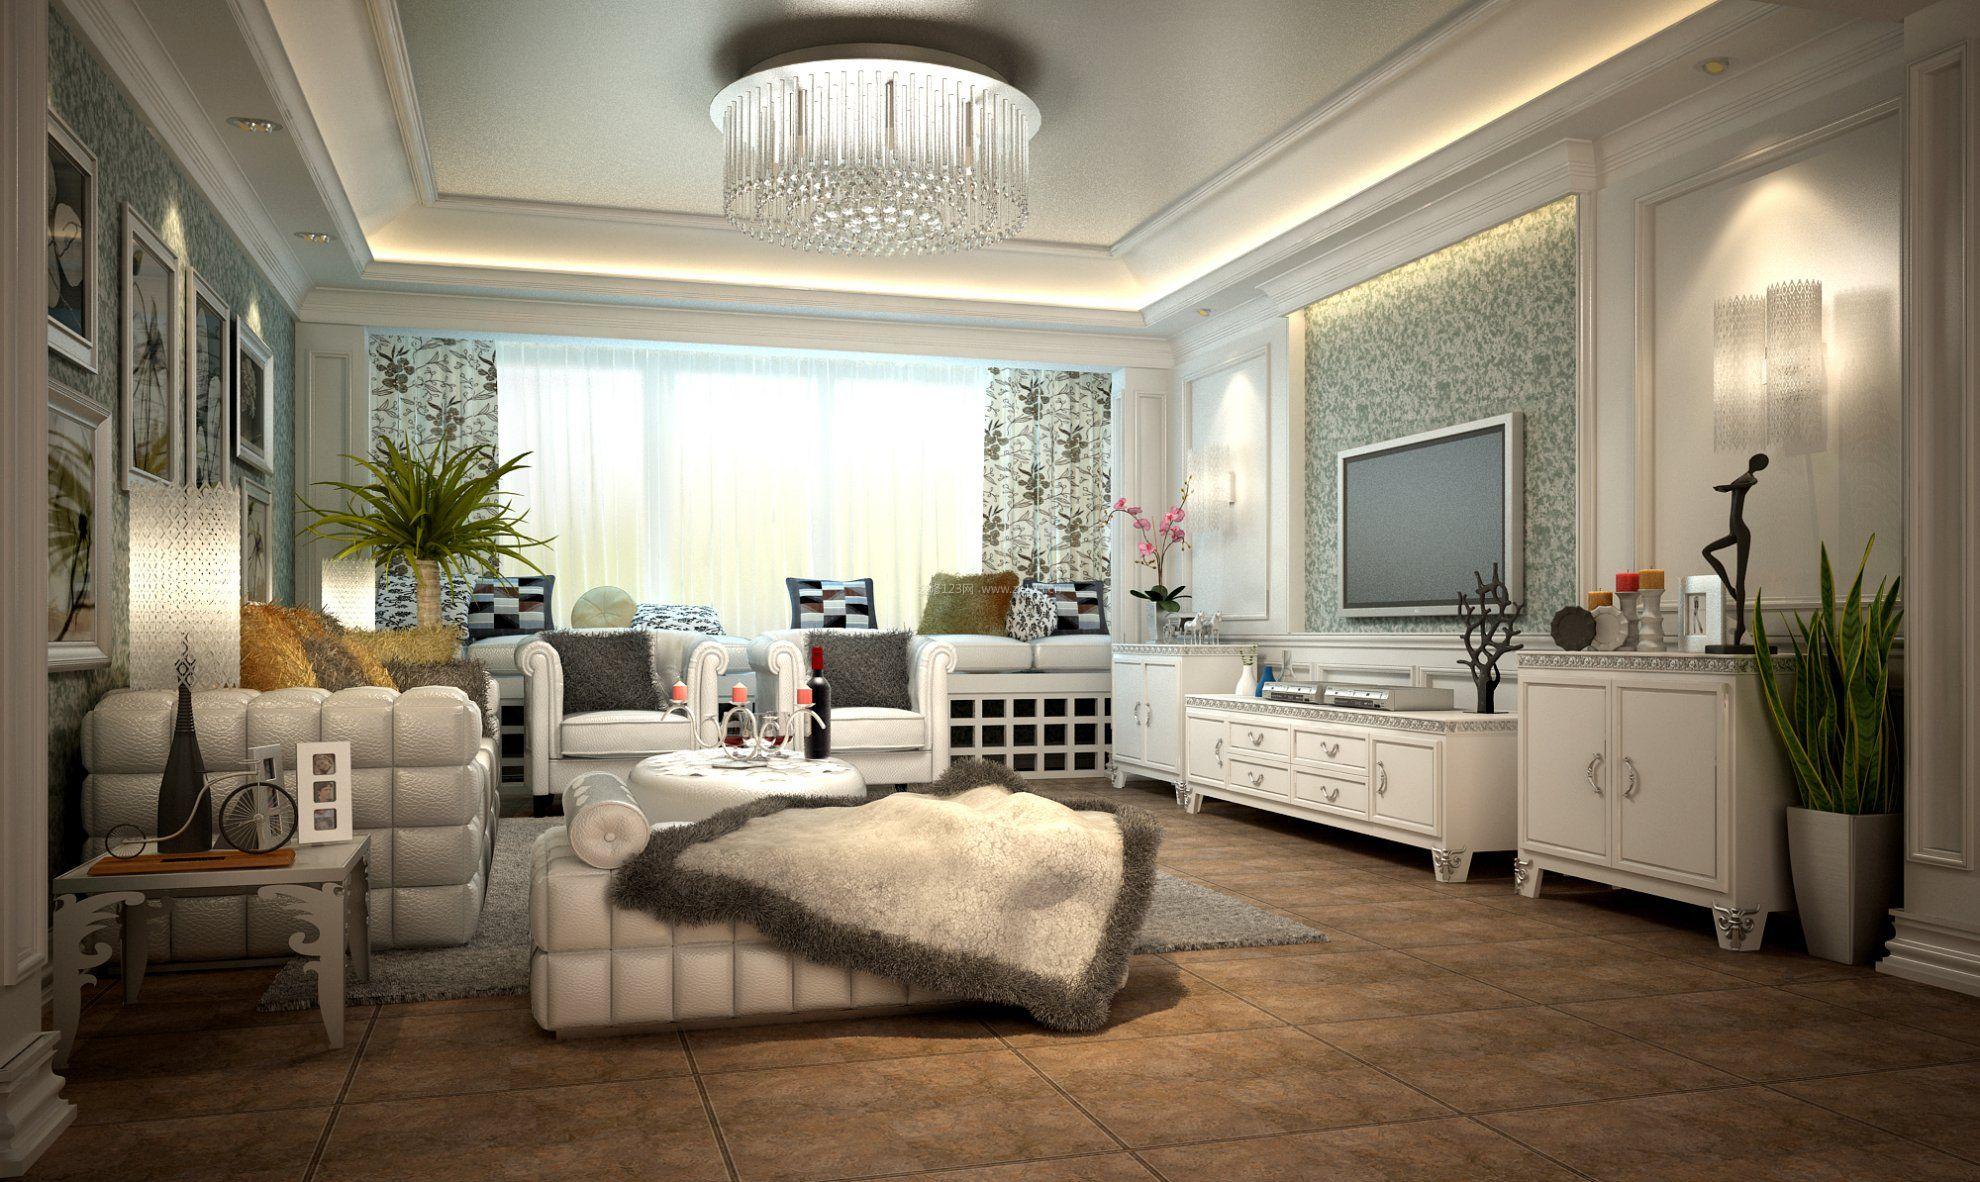 现代简欧风格别墅客厅装修效果图欣赏图片